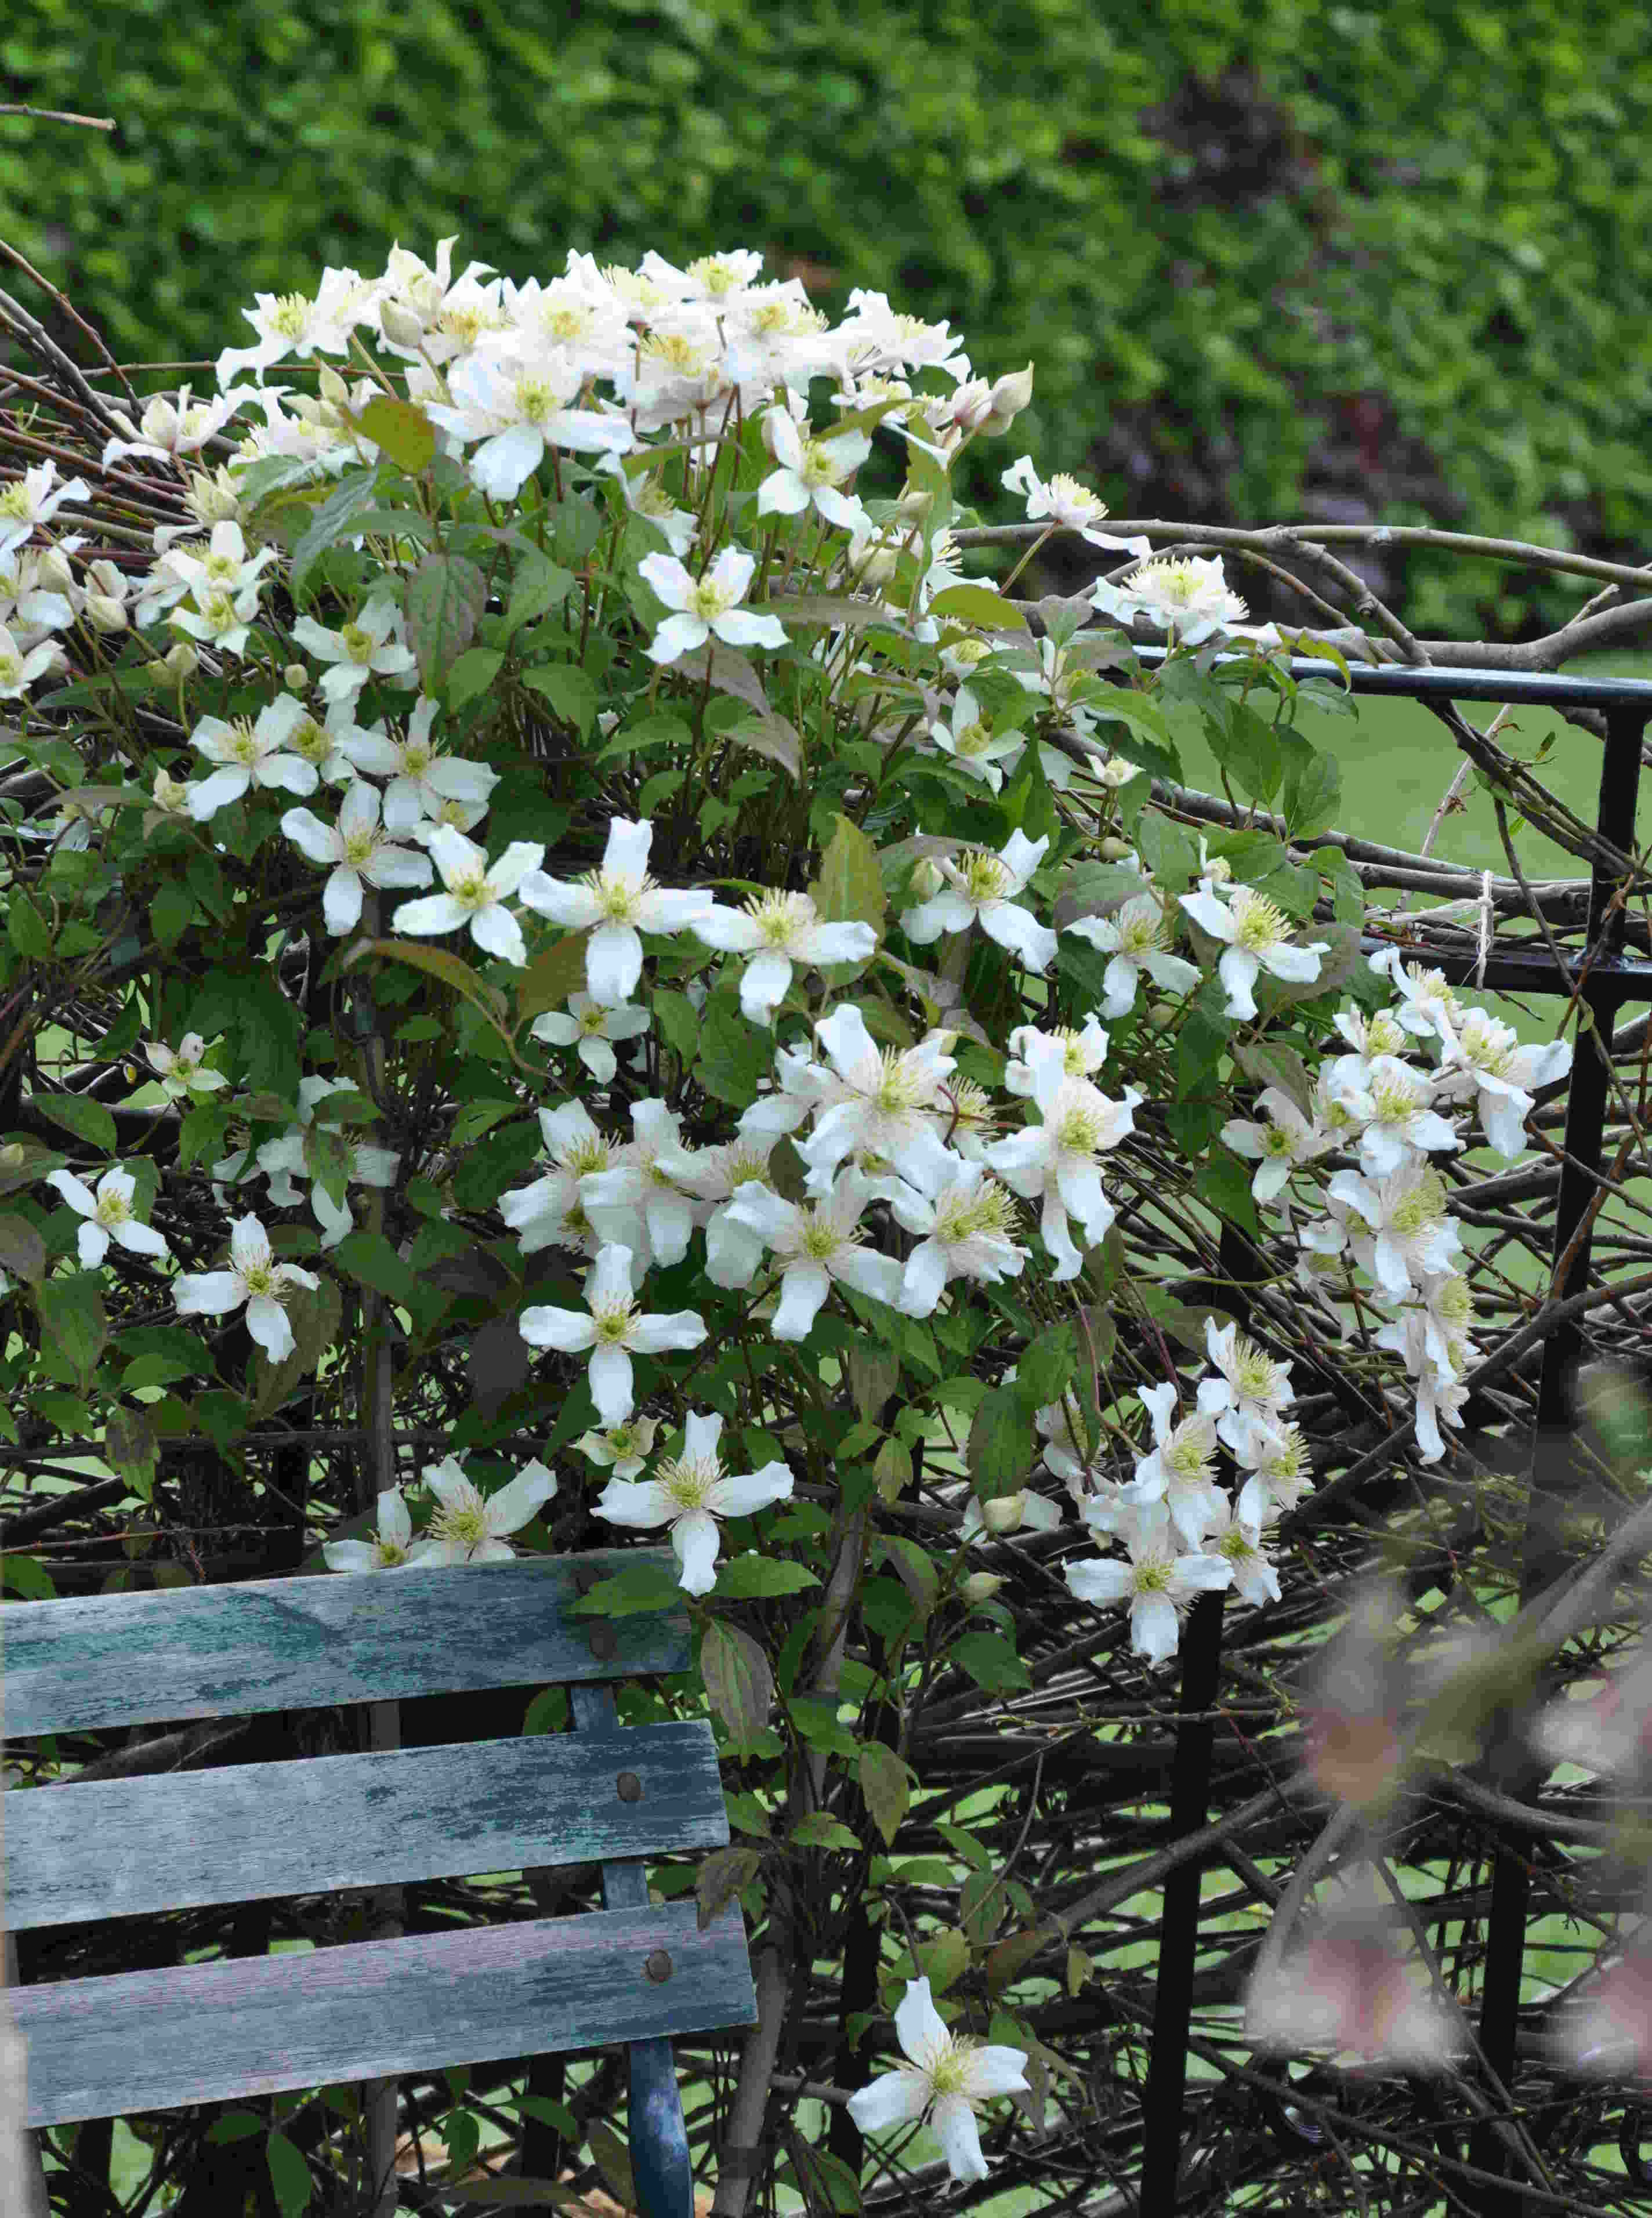 Småblommiga klematis kan beskäras försiktigt om våren.